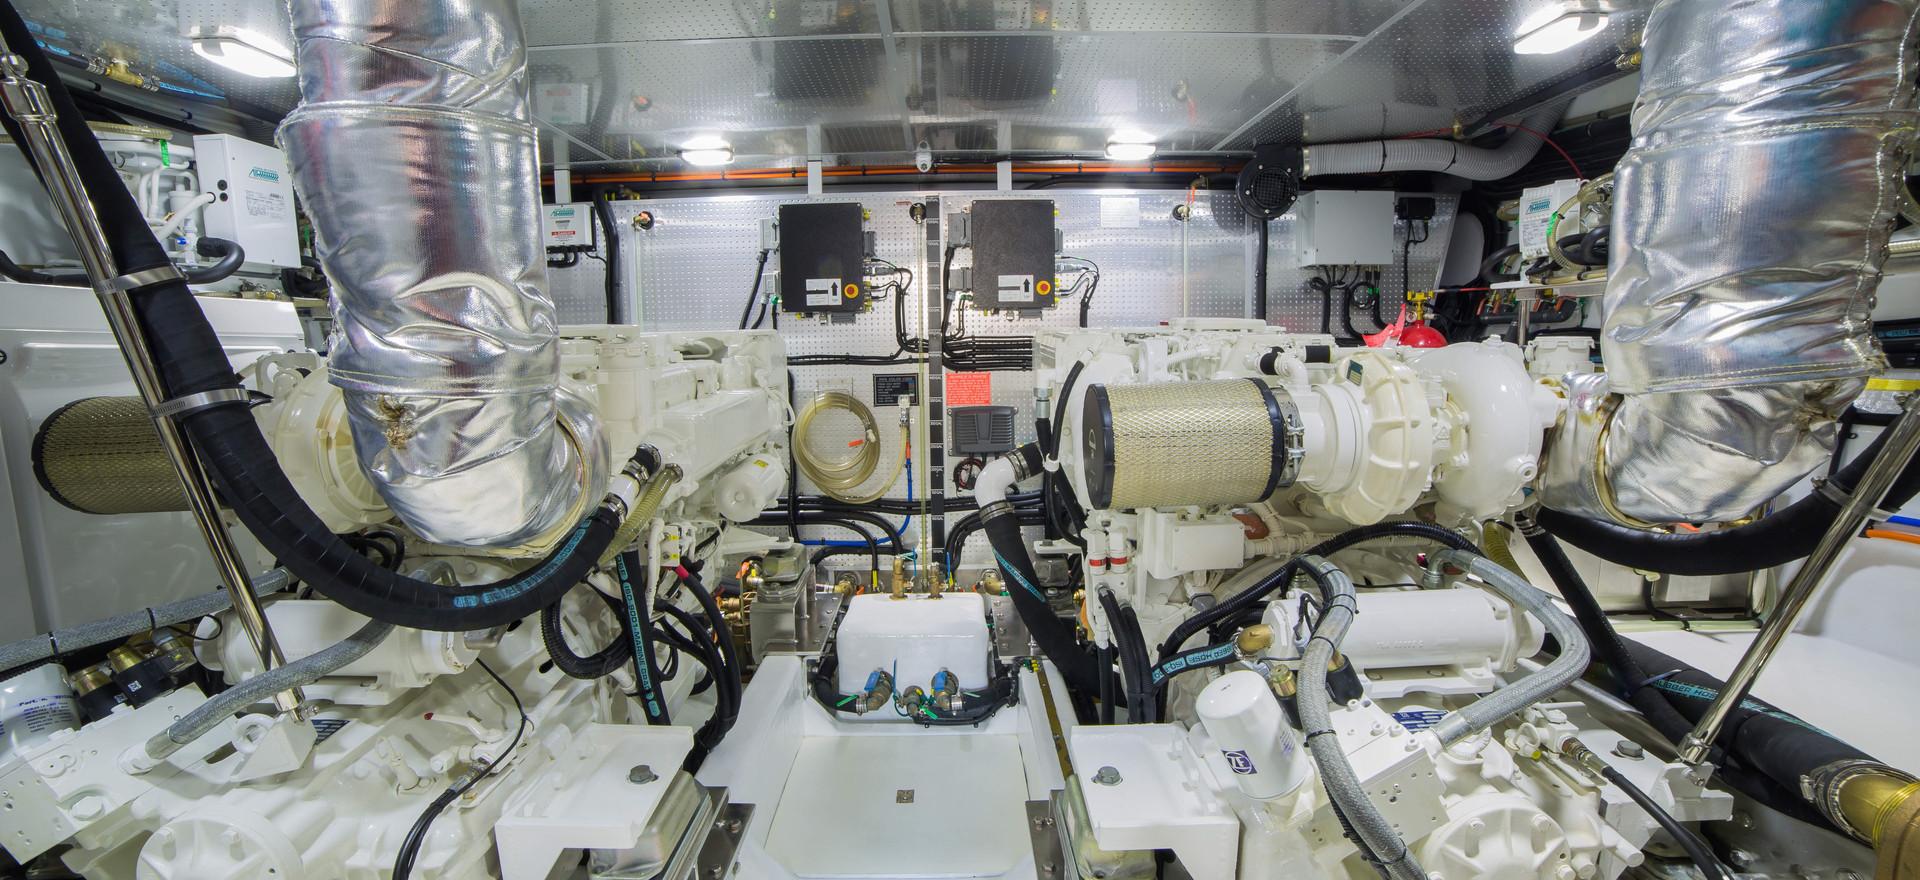 D63- engine room.jpg